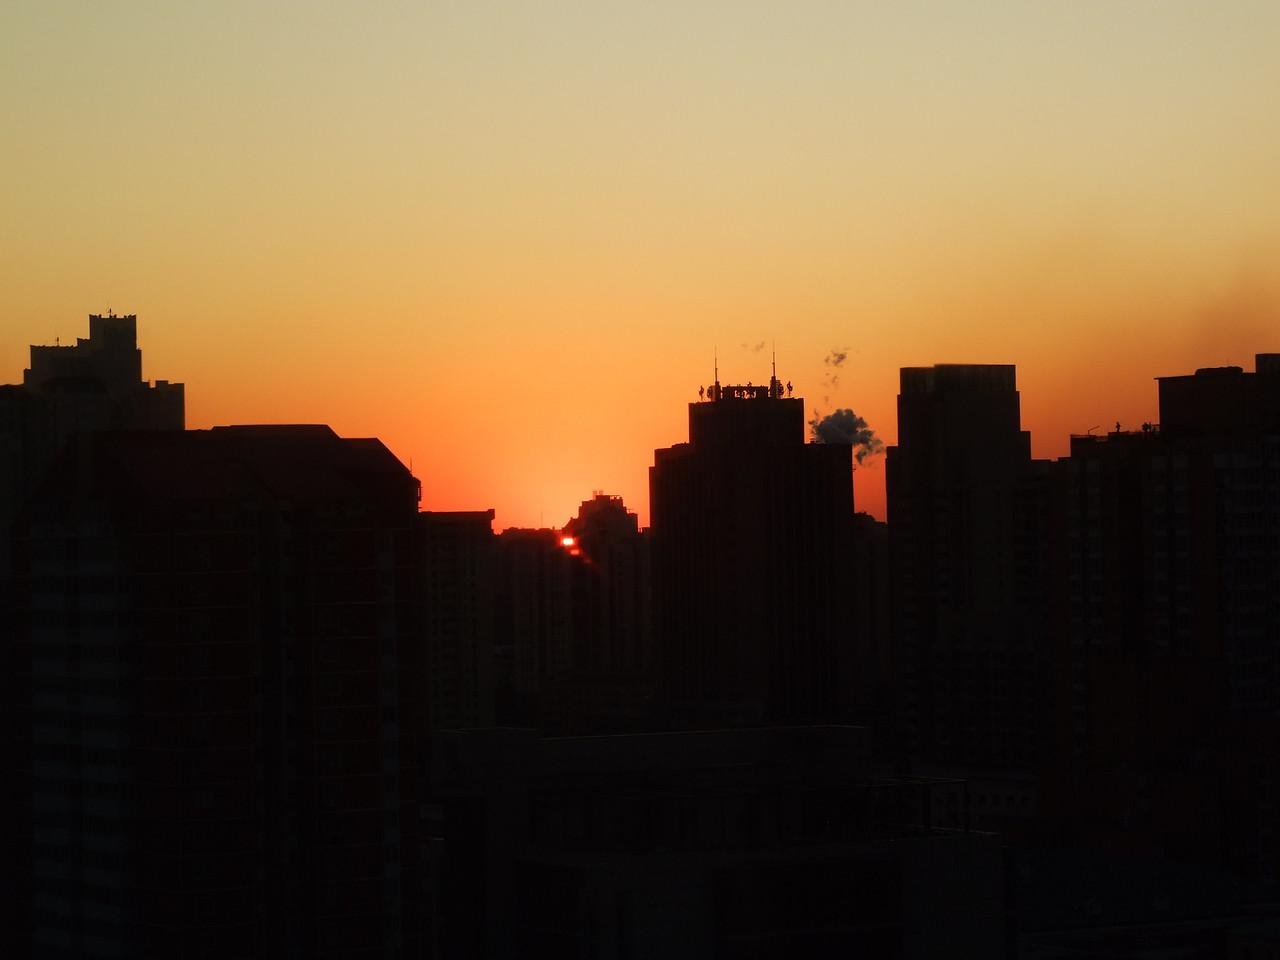 lever de soleil vers 7h du matin